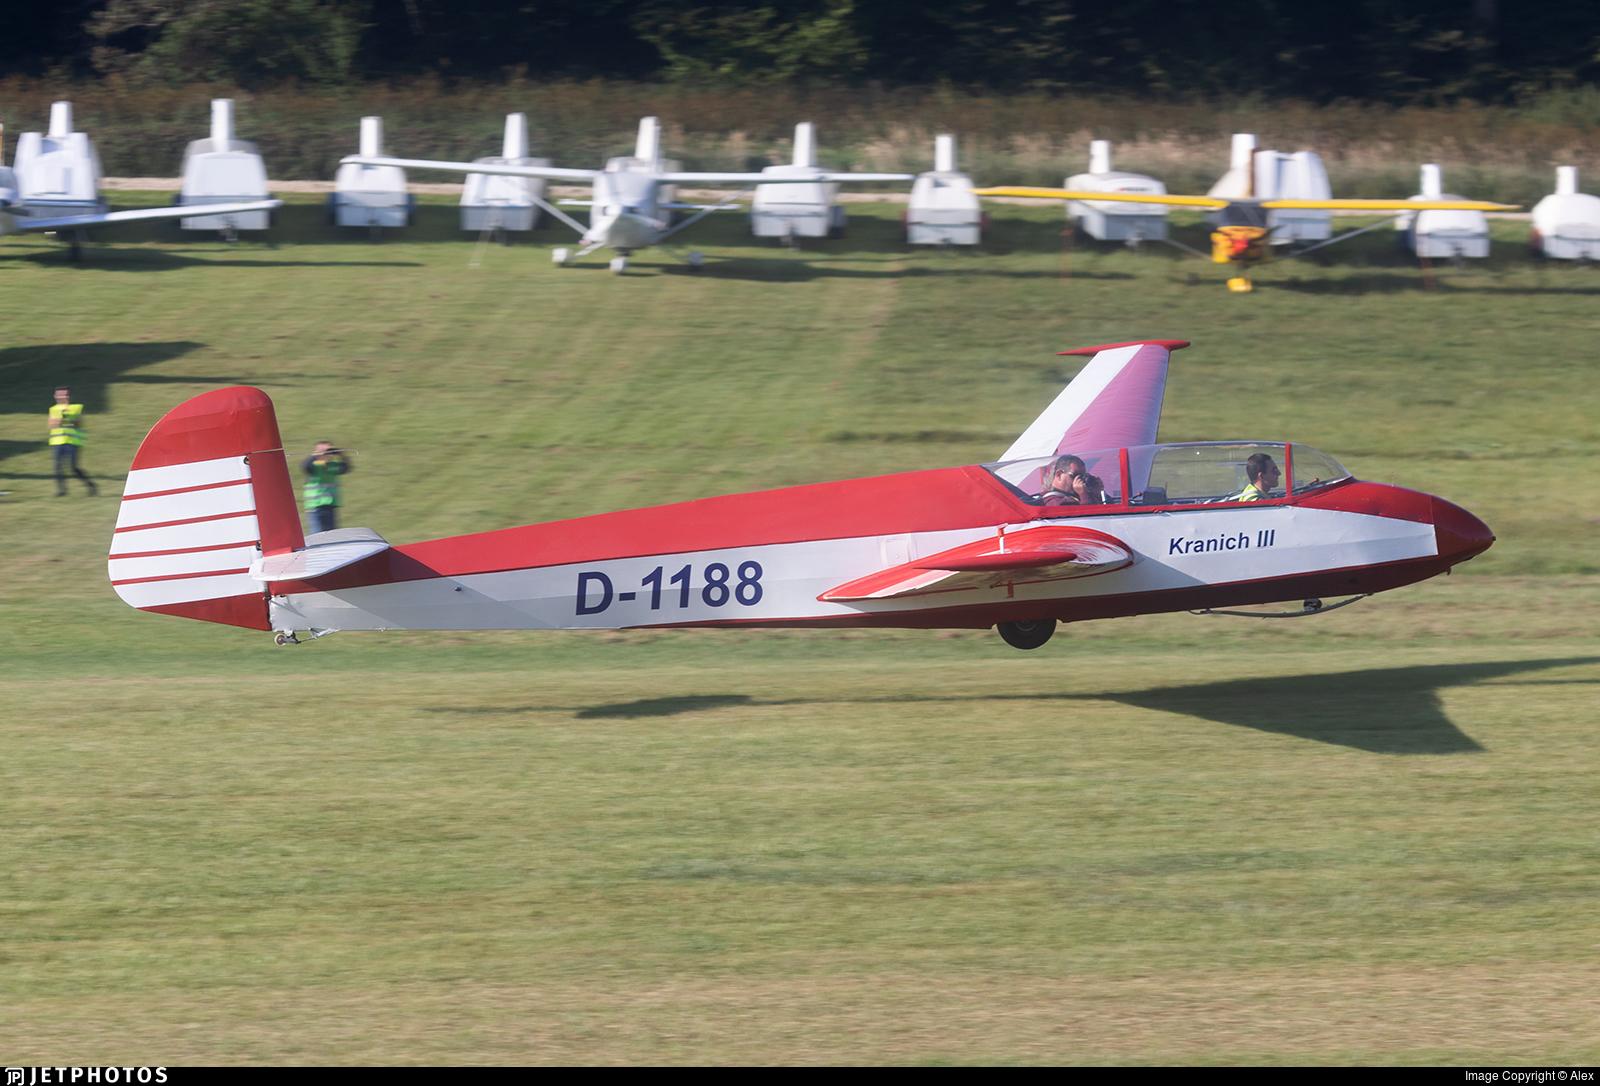 D-1188 - DFS Kranich III - Private